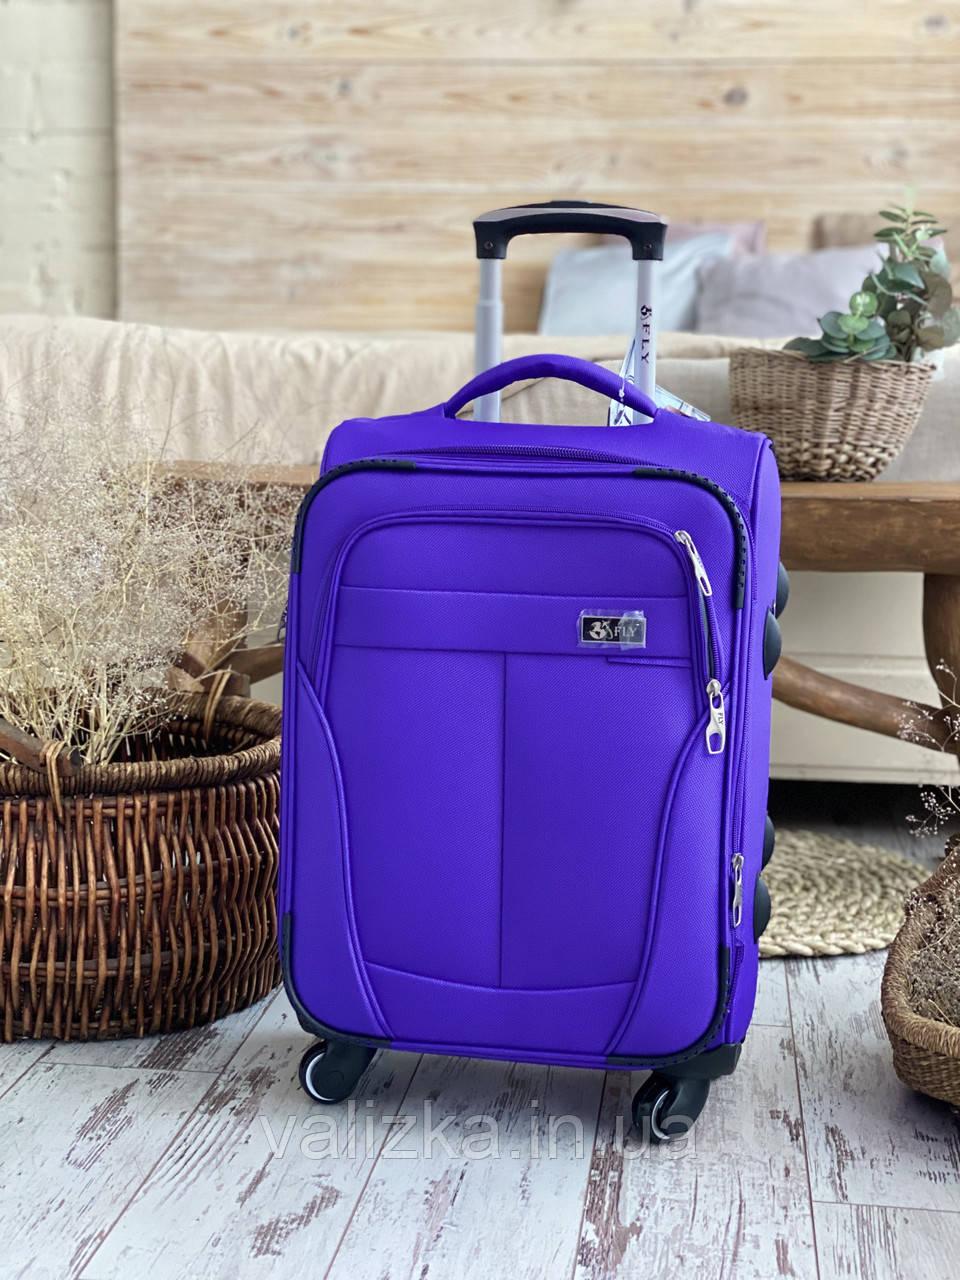 Средний текстильный чемодан тканевый 4 колеса фиолетовый